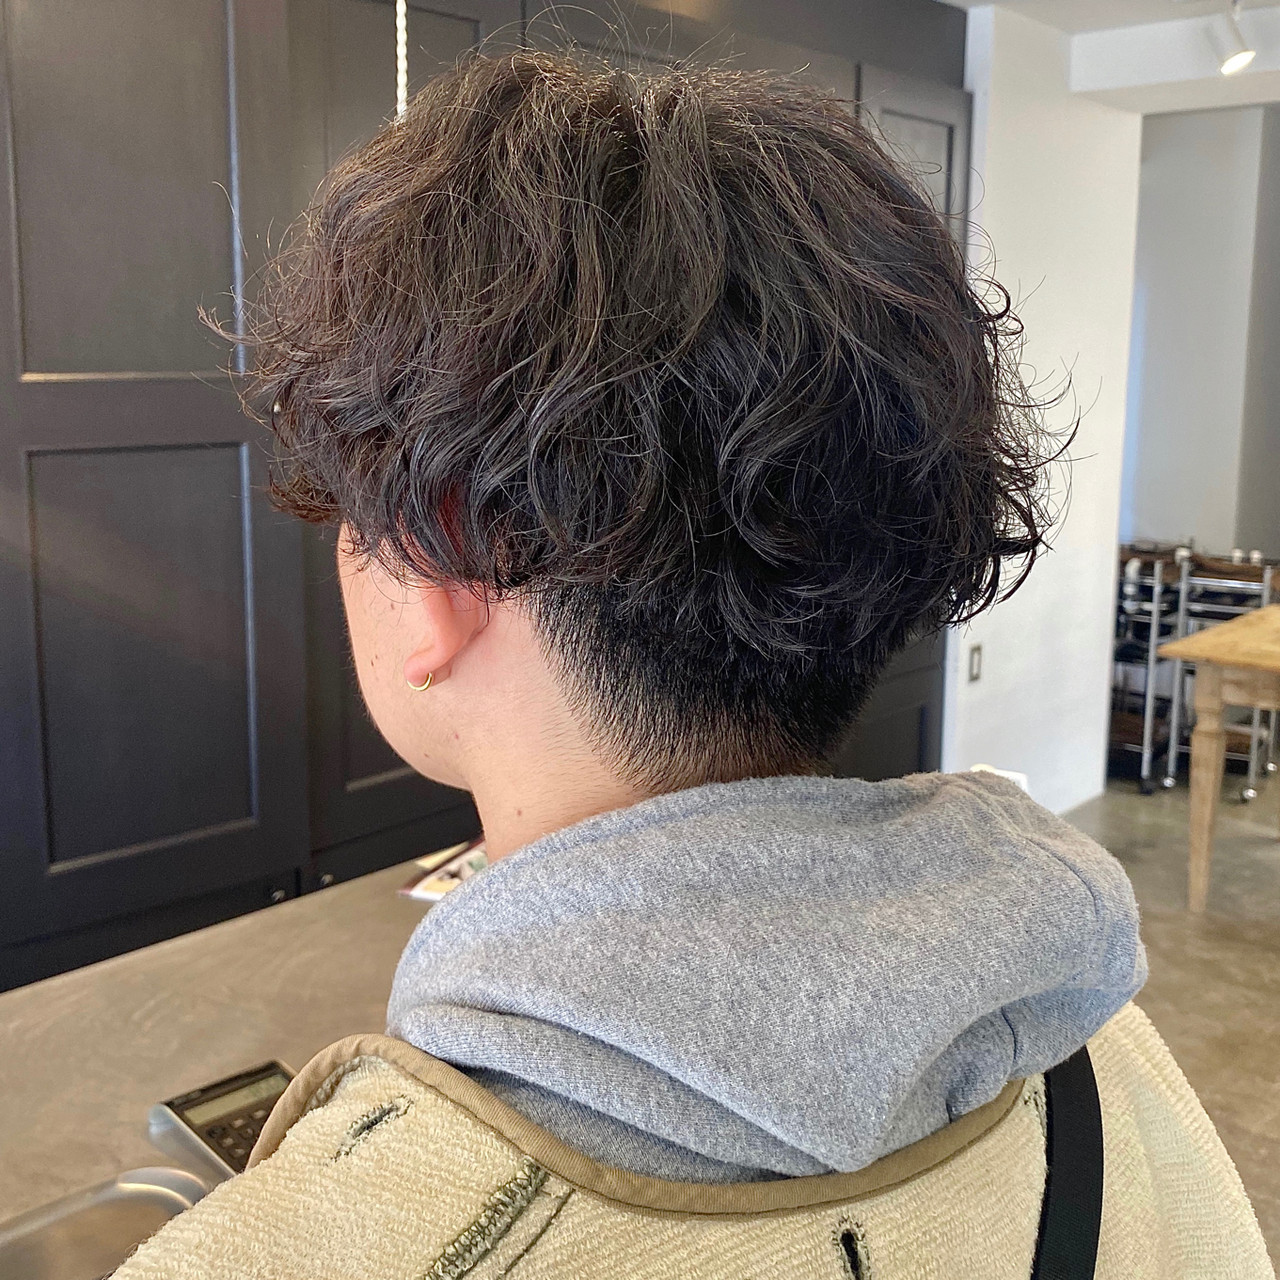 メンズパーマ ショート メンズショート メンズカット ヘアスタイルや髪型の写真・画像